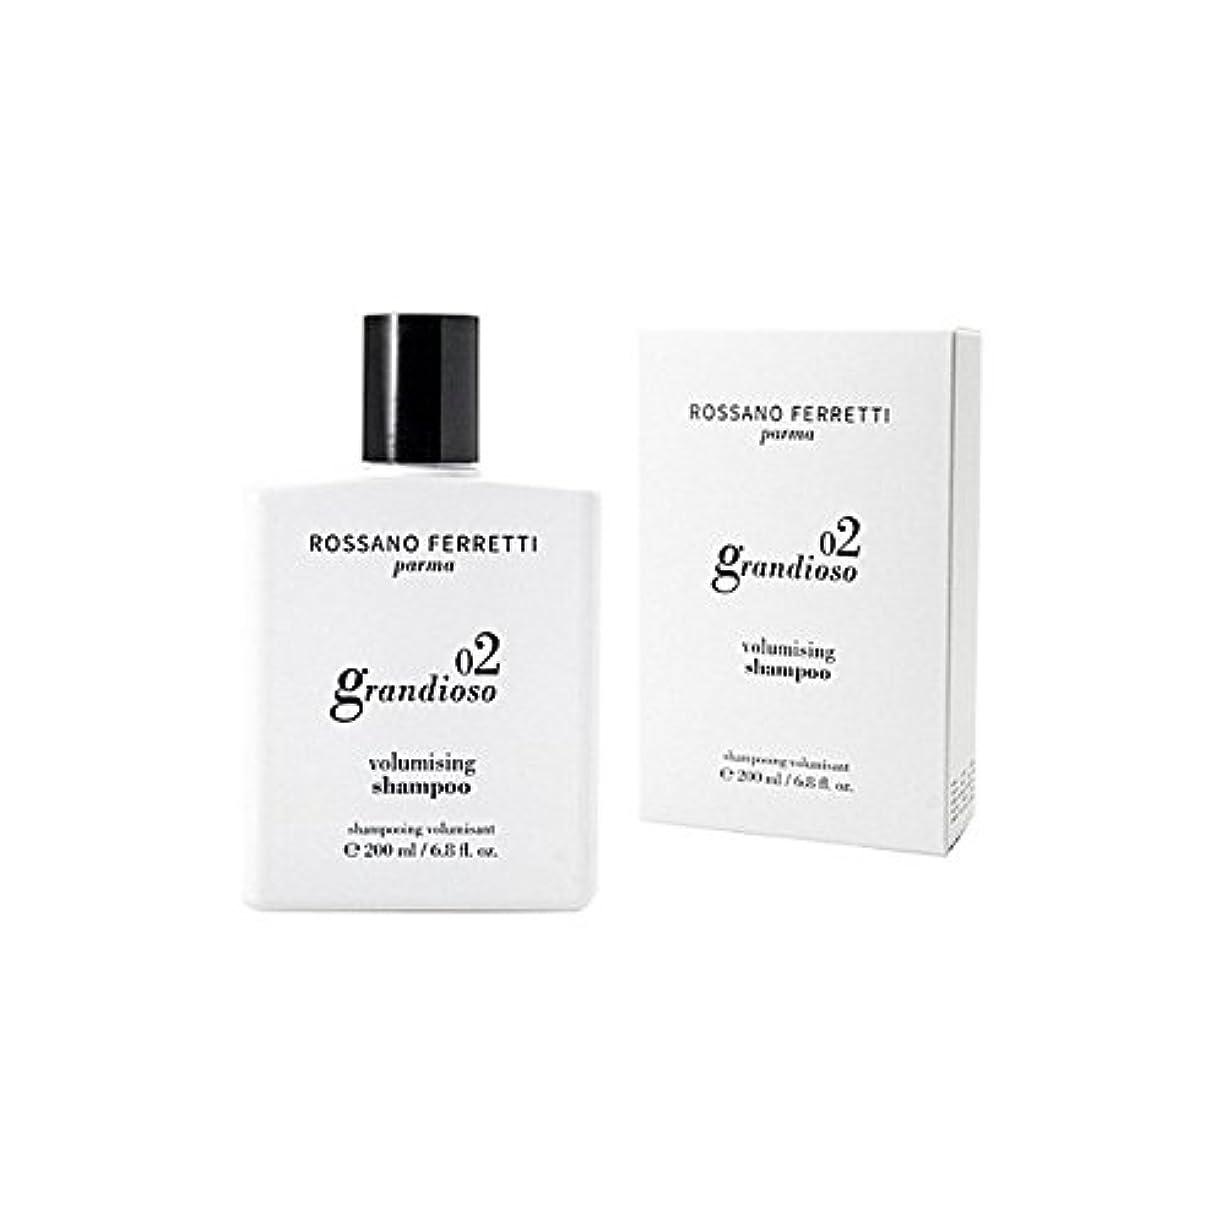 特異な曇ったうぬぼれたロッサノフェレッティパルマ シャンプー200ミリリットル x4 - Rossano Ferretti Parma Grandioso Volumising Shampoo 200ml (Pack of 4) [並行輸入品]